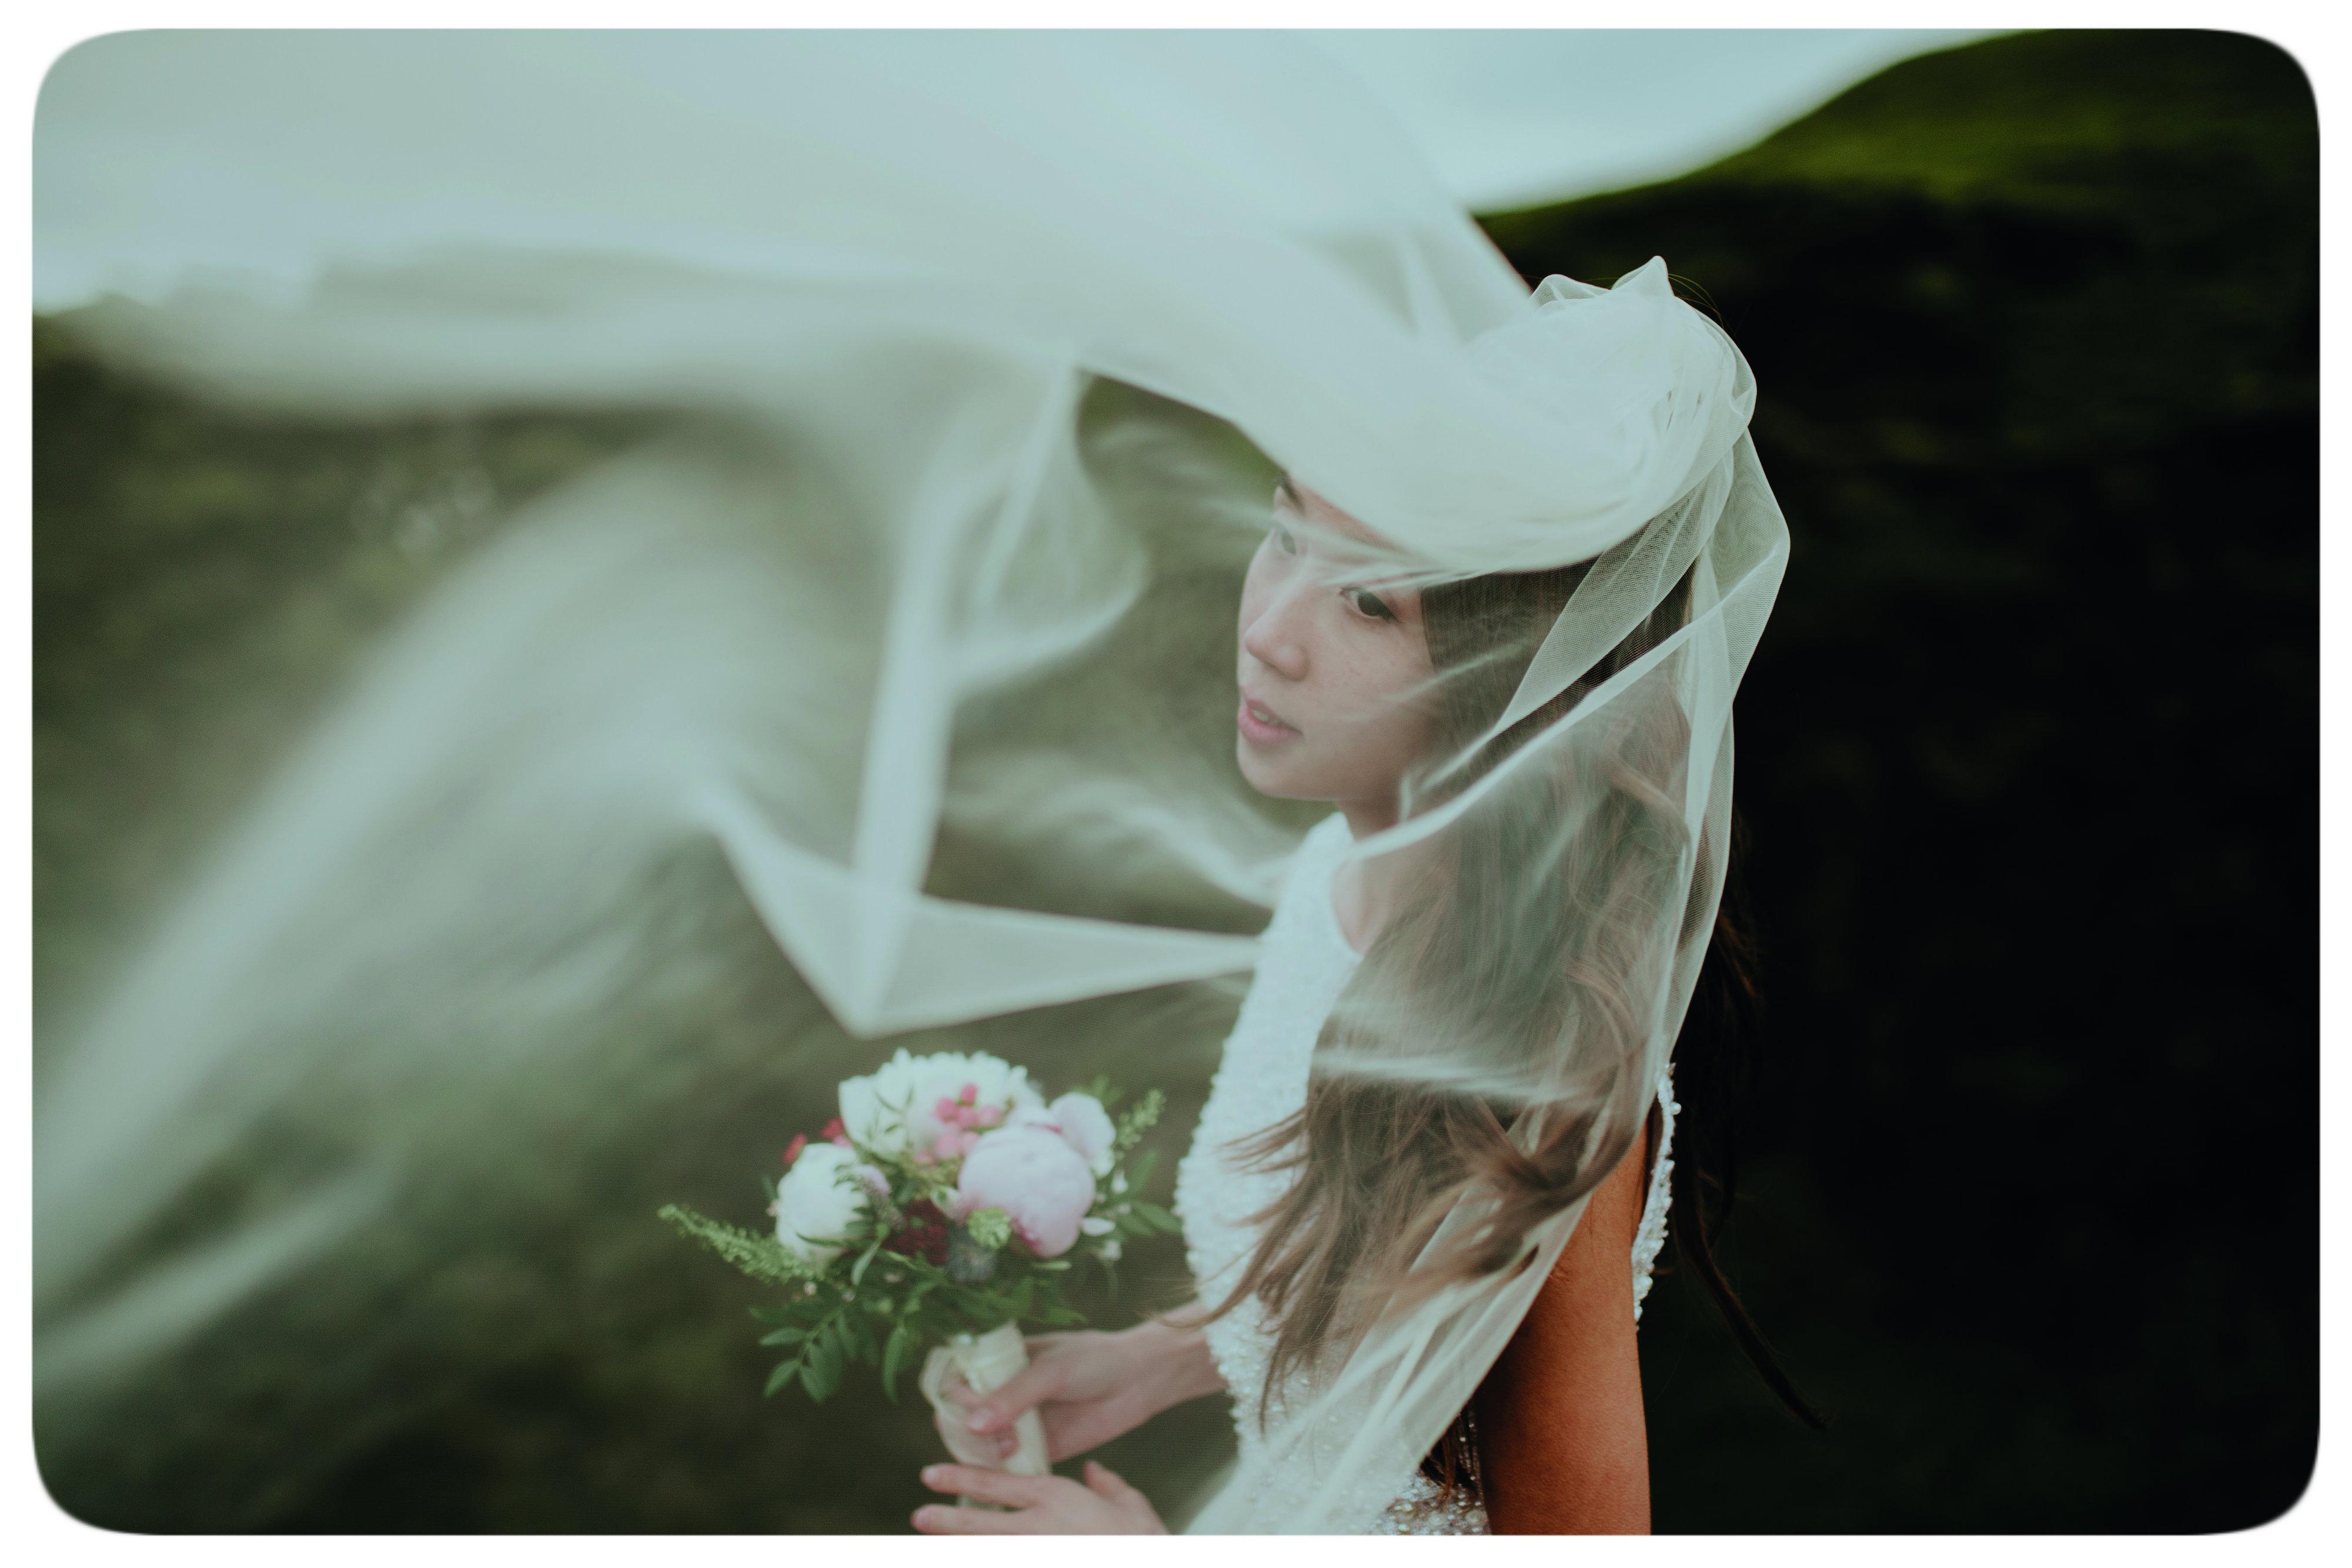 – Iceland Wedding, więcej zdjęć: http://lukaspiatek.com/iceland-wedding/